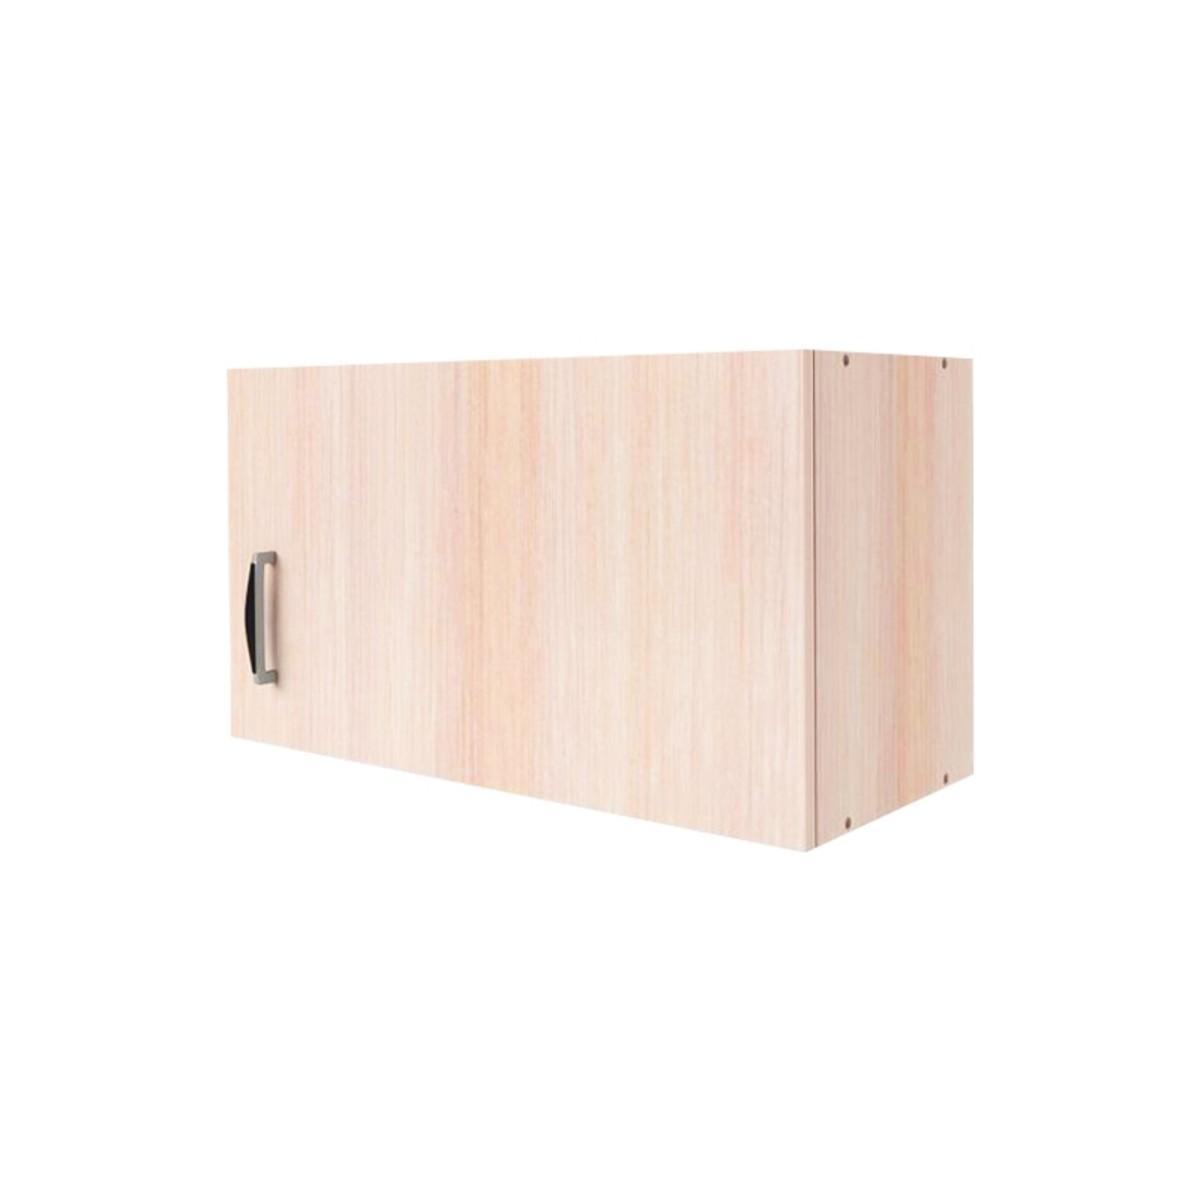 Шкаф навесной над вытяжкой Дуб молочный См 35х60 см ЛДСП цвет дуб